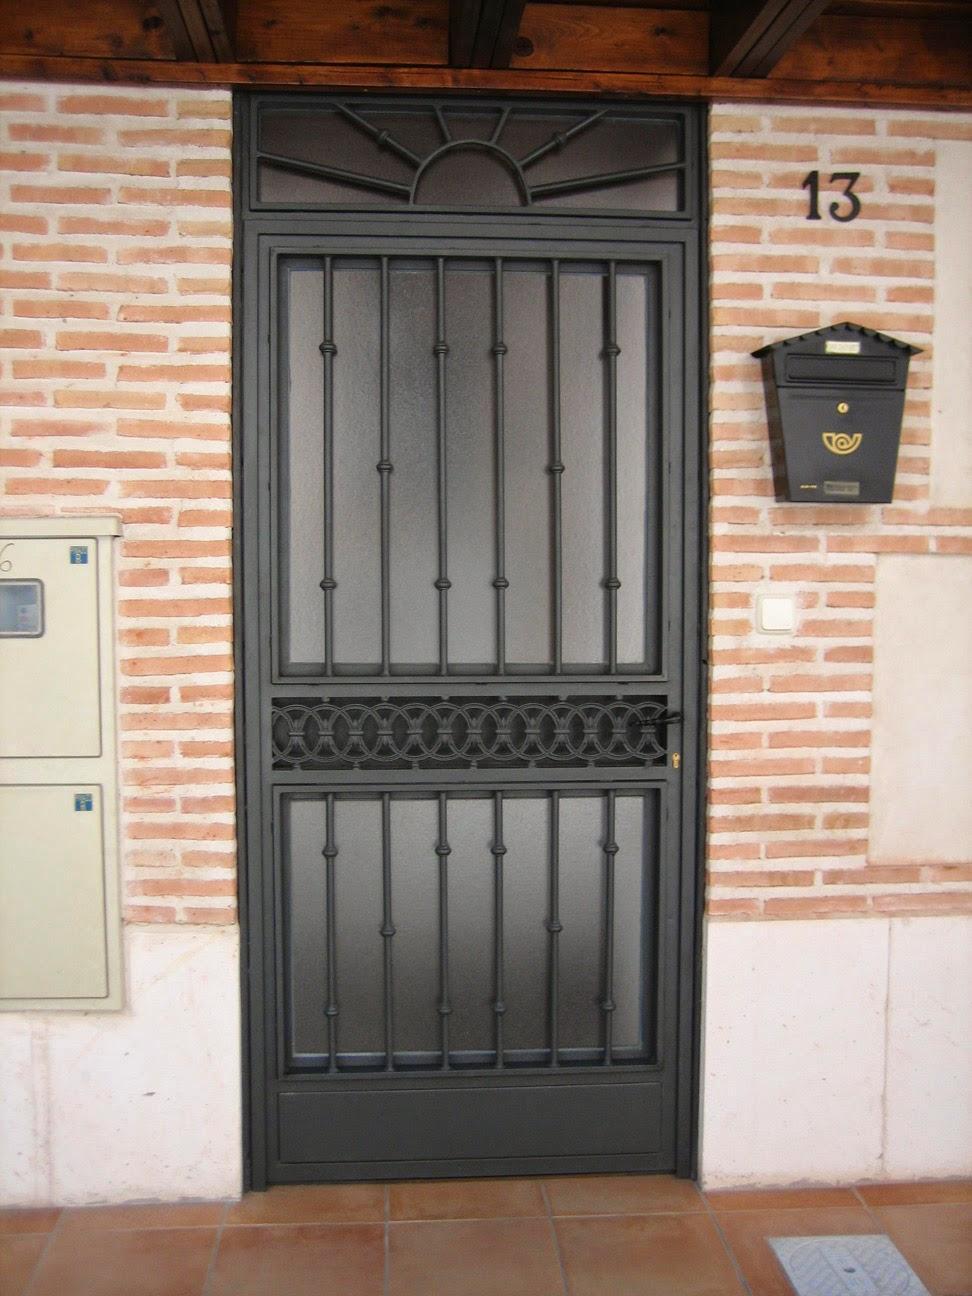 Forja y hierro carpinter a met lica lozano for Puertas dobles de hierro antiguas